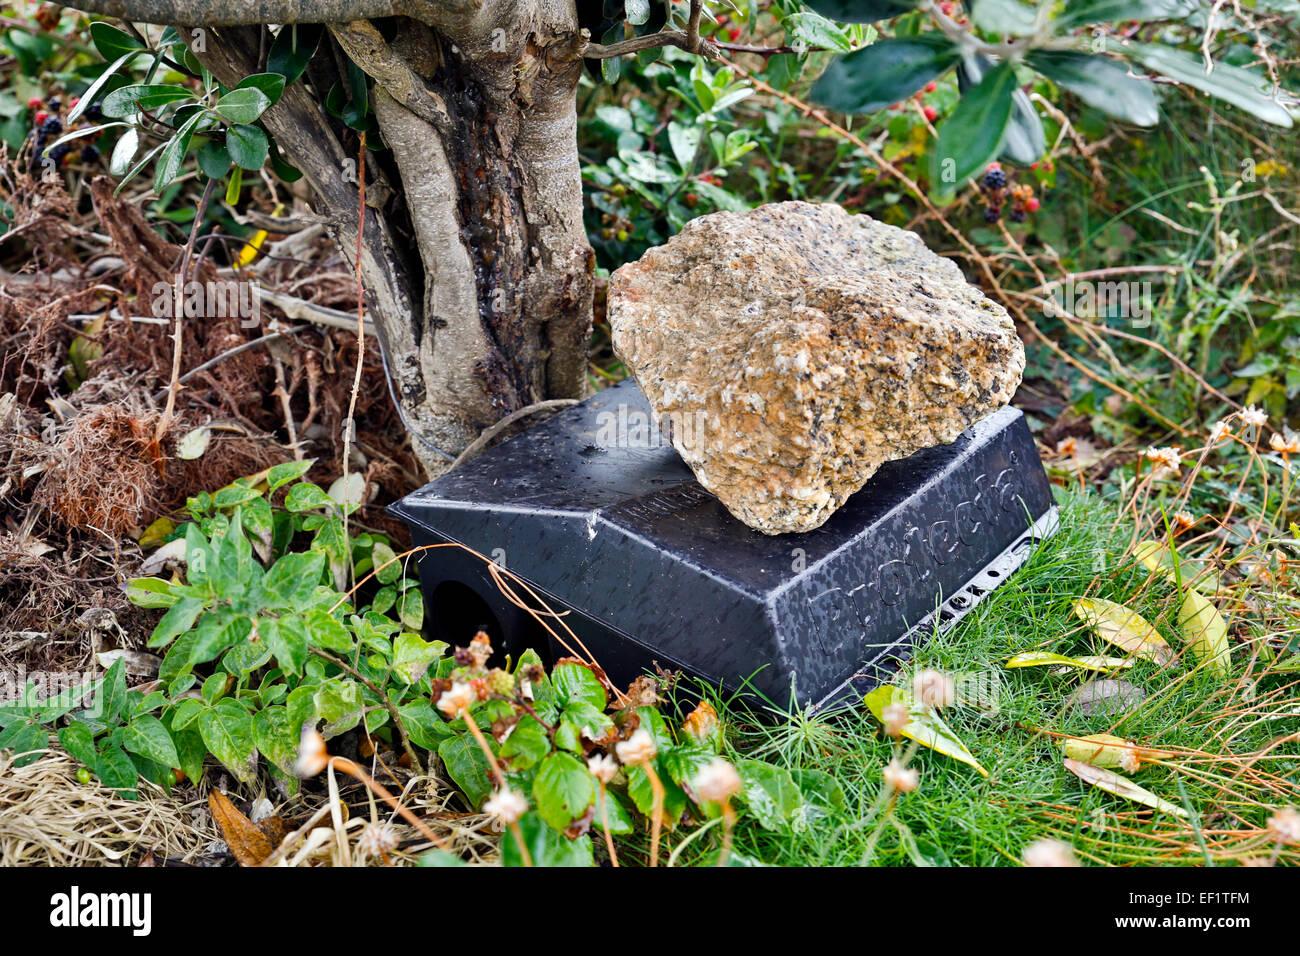 Ratte-Box; Erkennt Ratten; St Agnes; Isles of Scilly; UK Stockbild